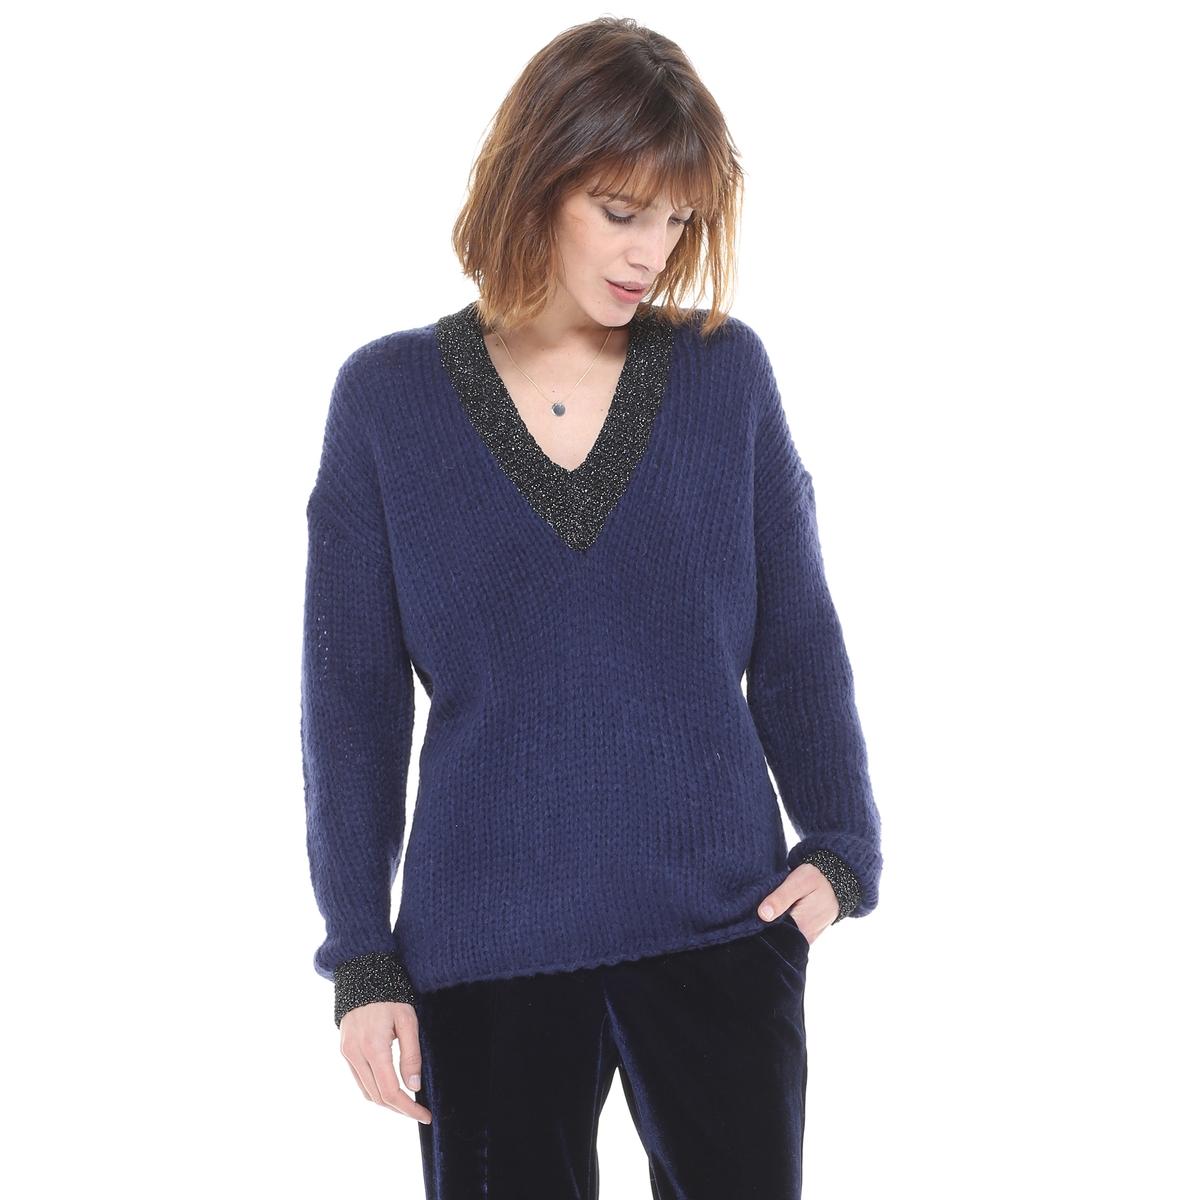 Пуловер с V-образным вырезом из плотного трикотажа пуловер с v образным вырезом